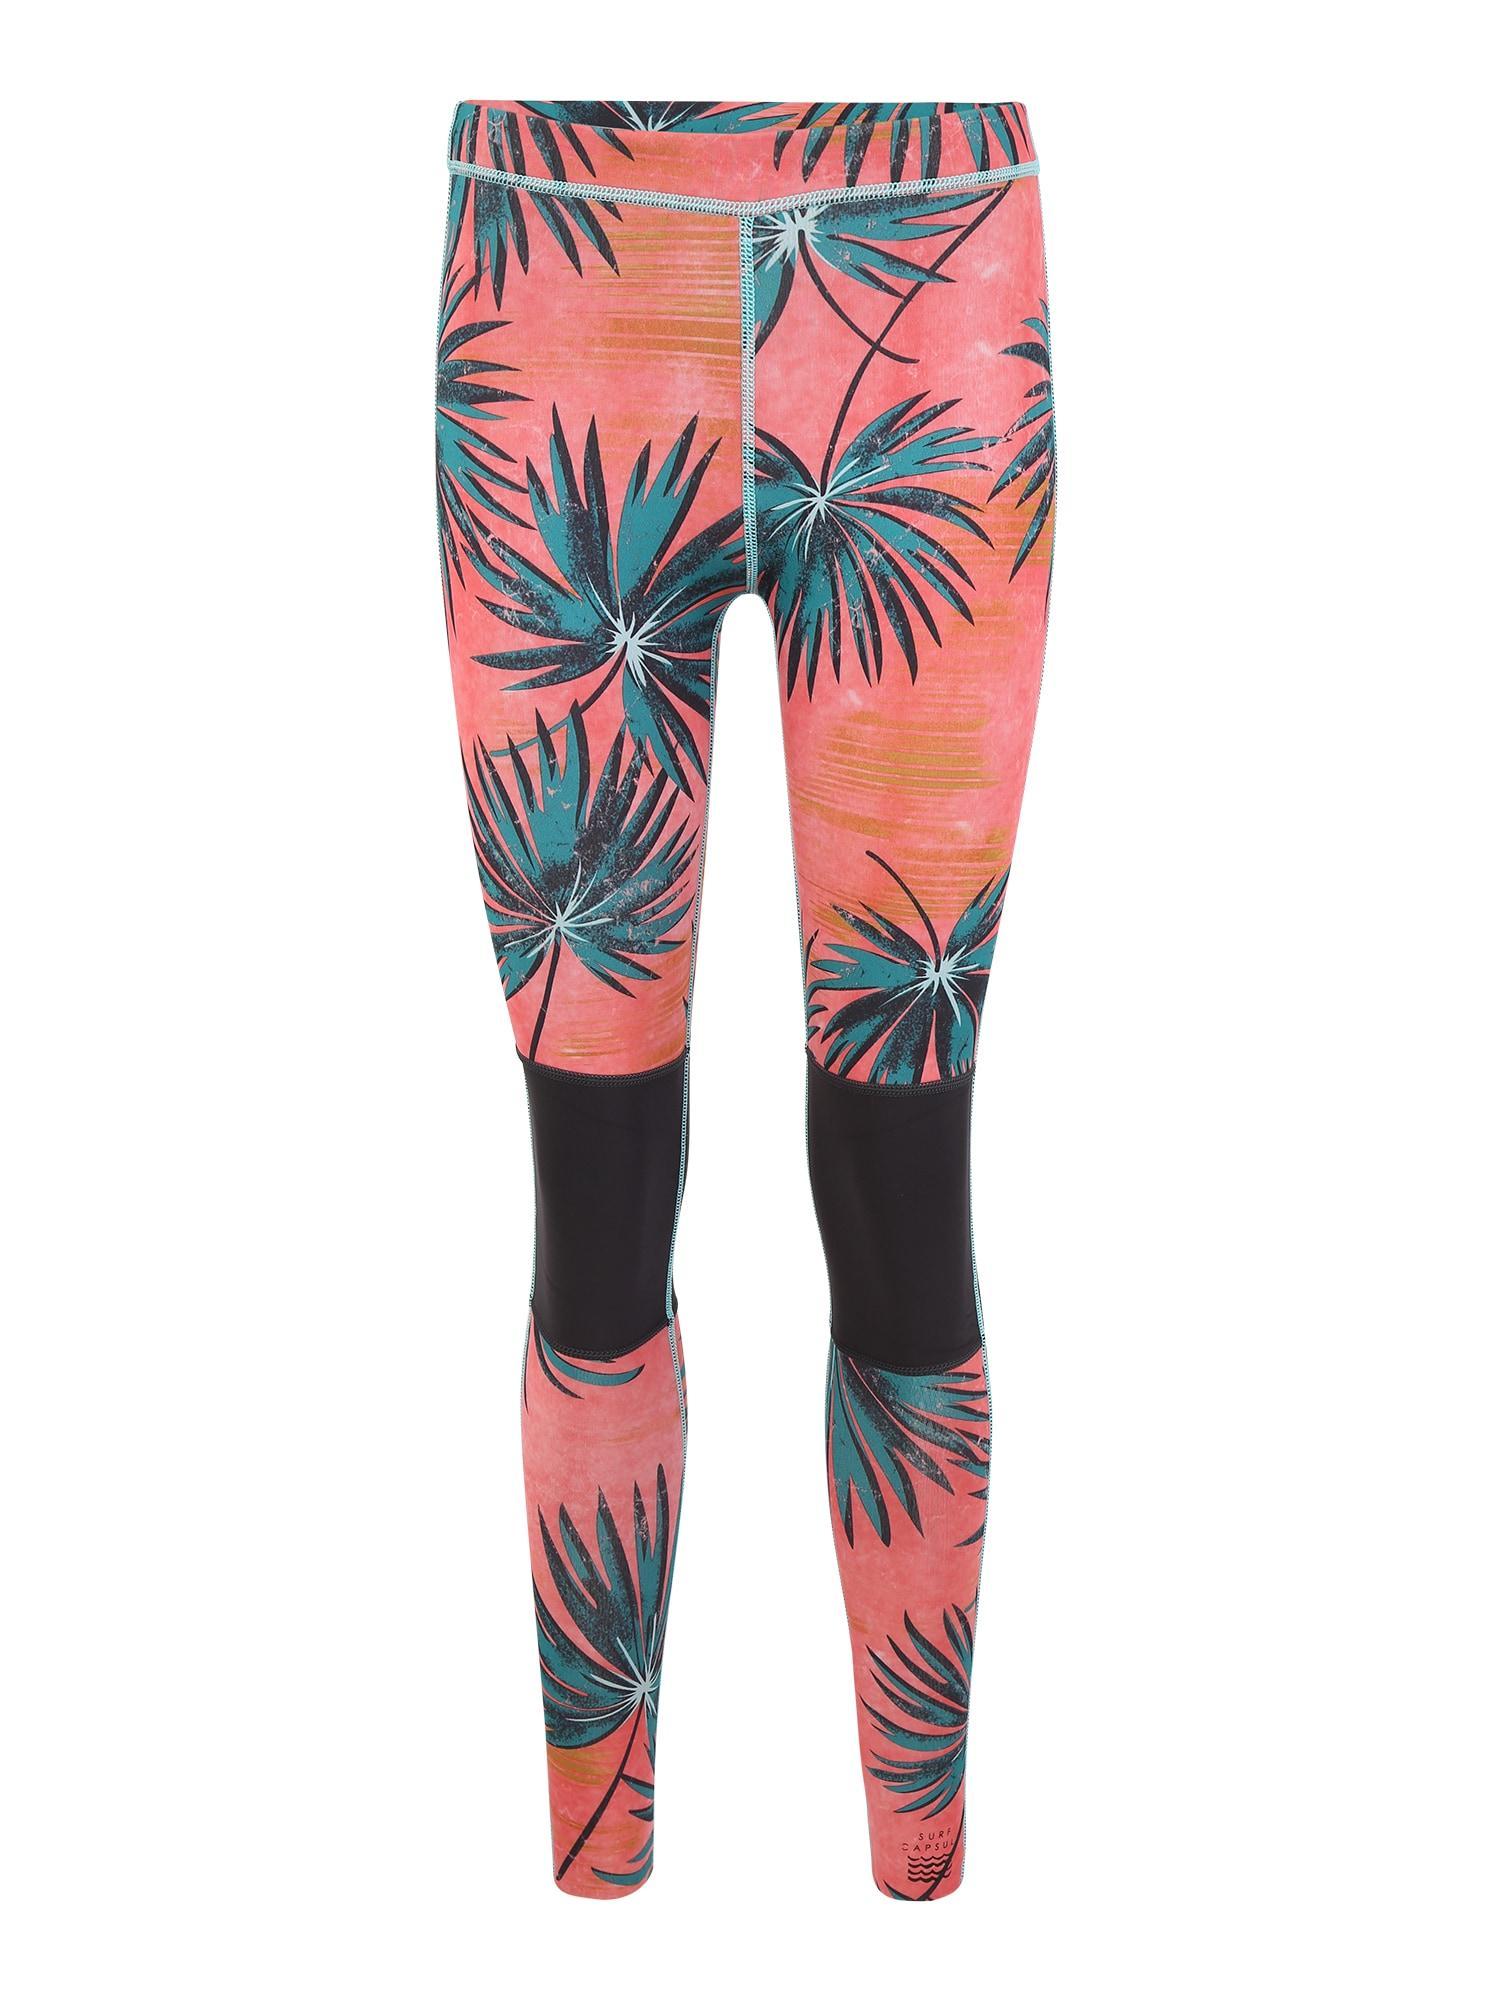 Sportovní spodní prádlo sea legs modrá růžová BILLABONG